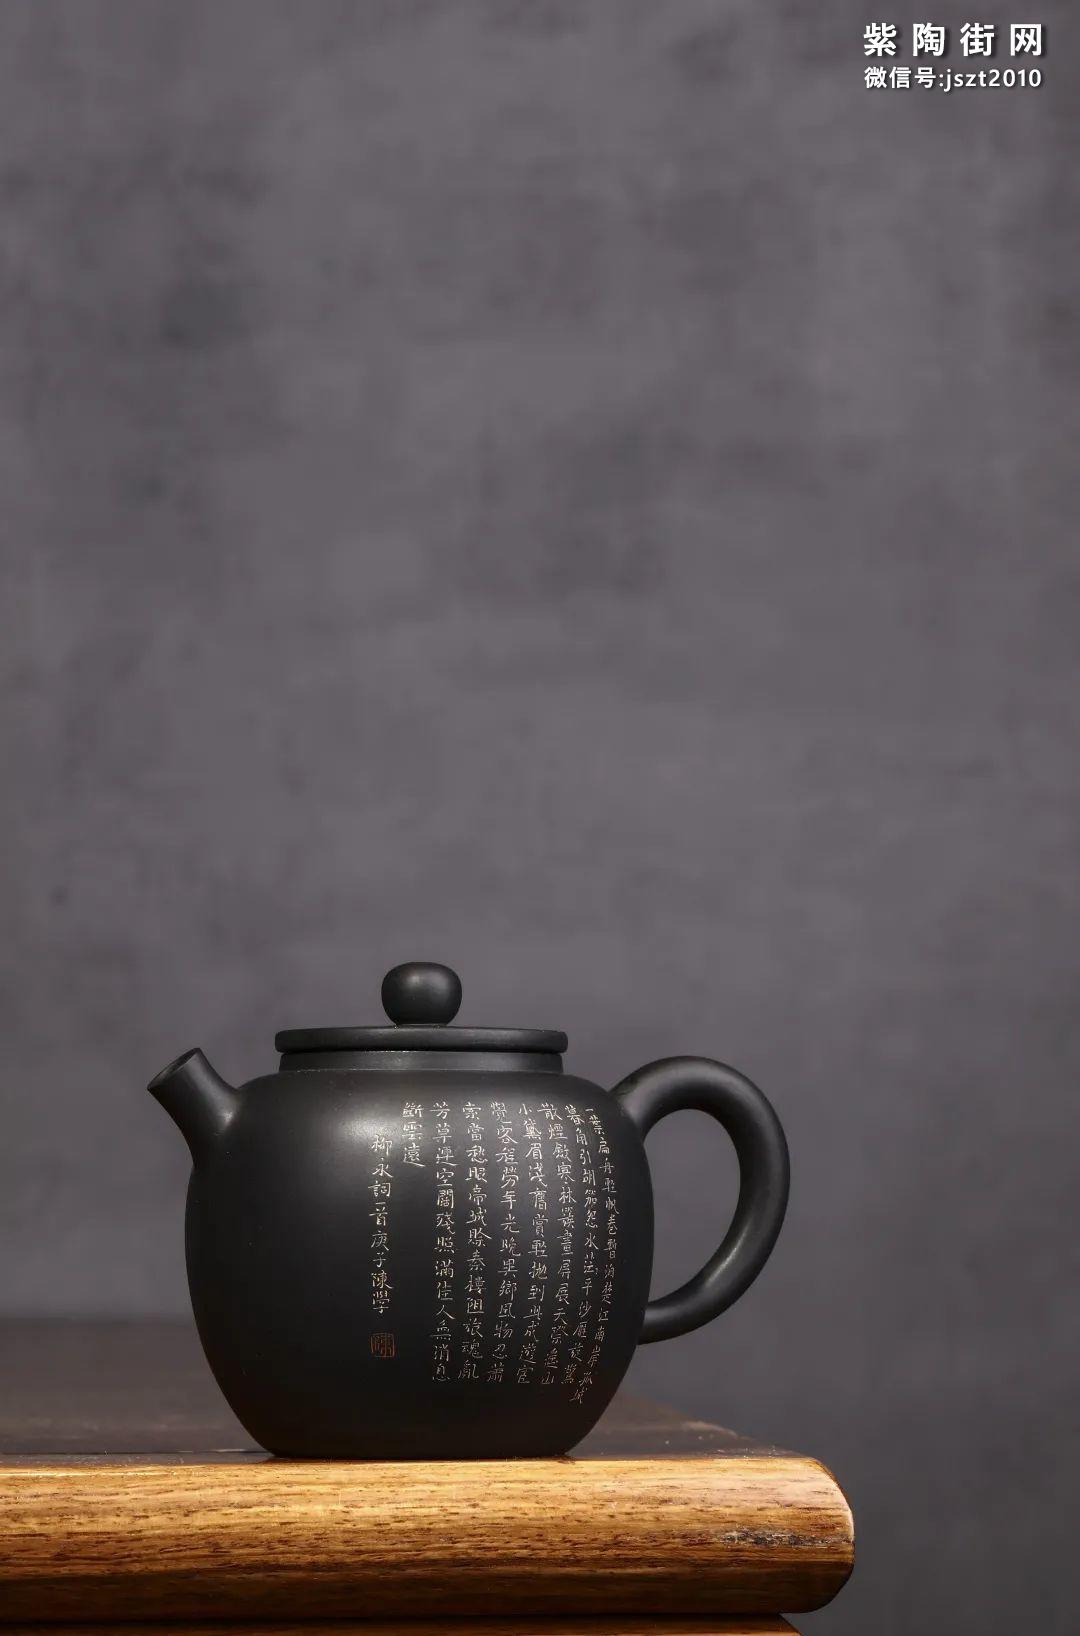 朱玄峰建水紫陶壶欣赏插图21